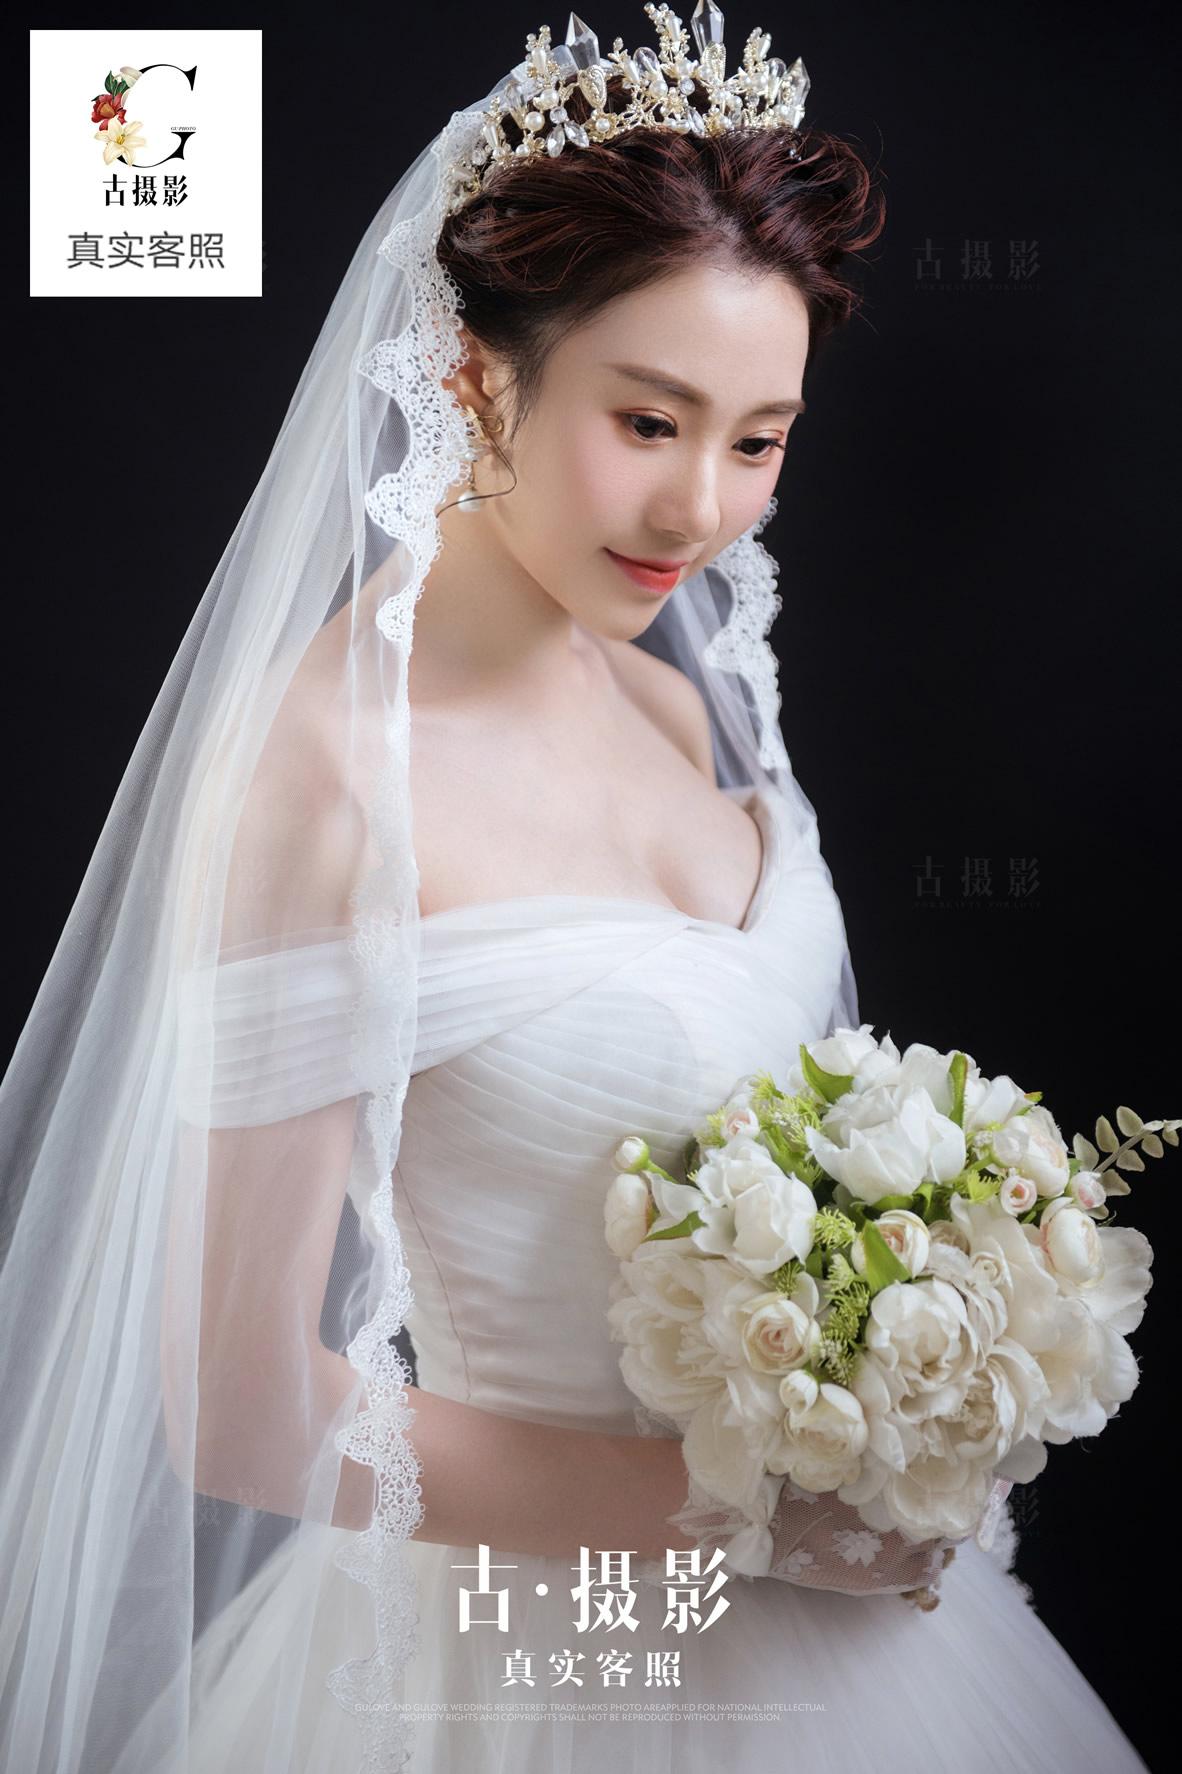 11月22日客片俞先生 俞小姐 - 每日客照 - 广州婚纱摄影-广州古摄影官网